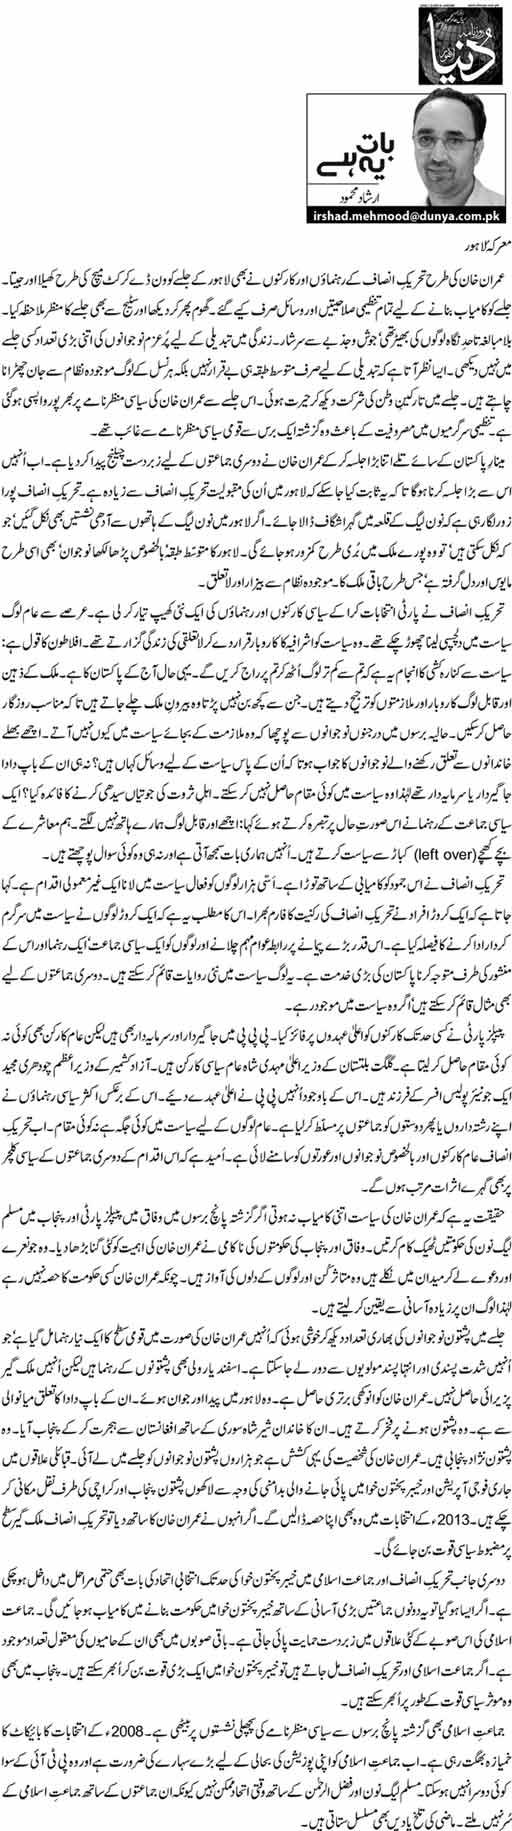 Marka e Lahore - Irshad Mehmood